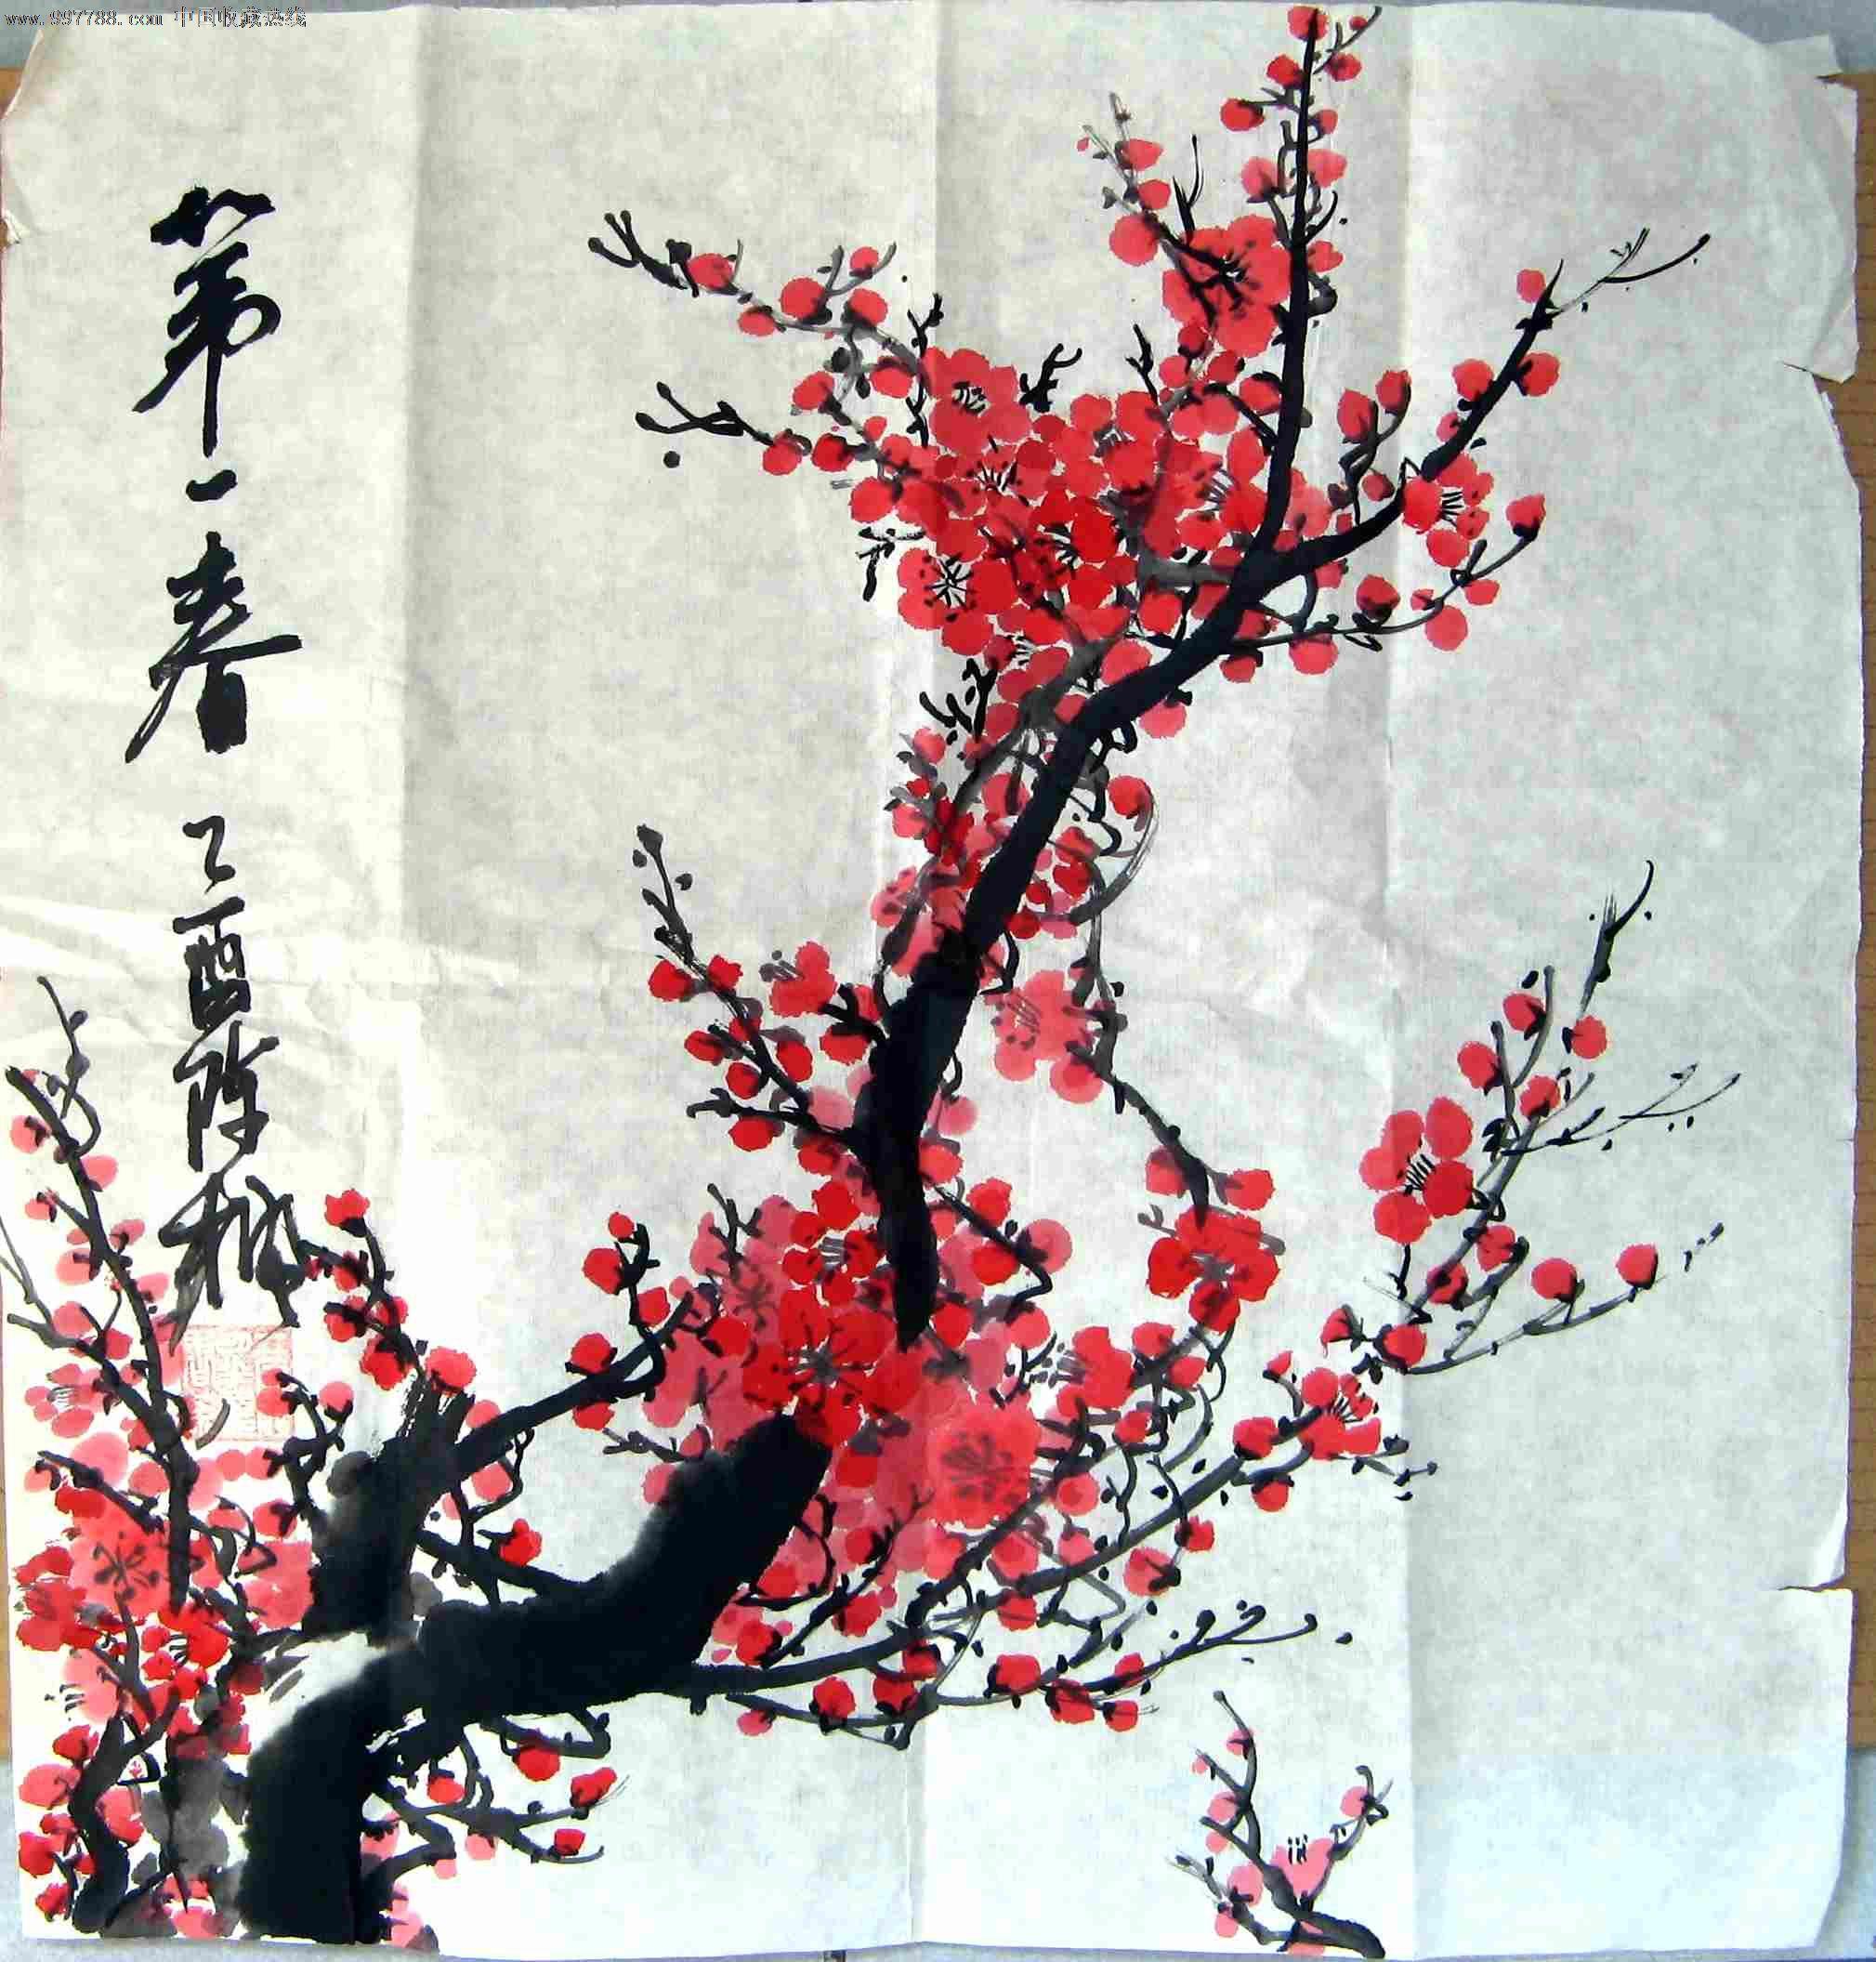 河南青年画家三尺斗方梅花画《第一春》图片